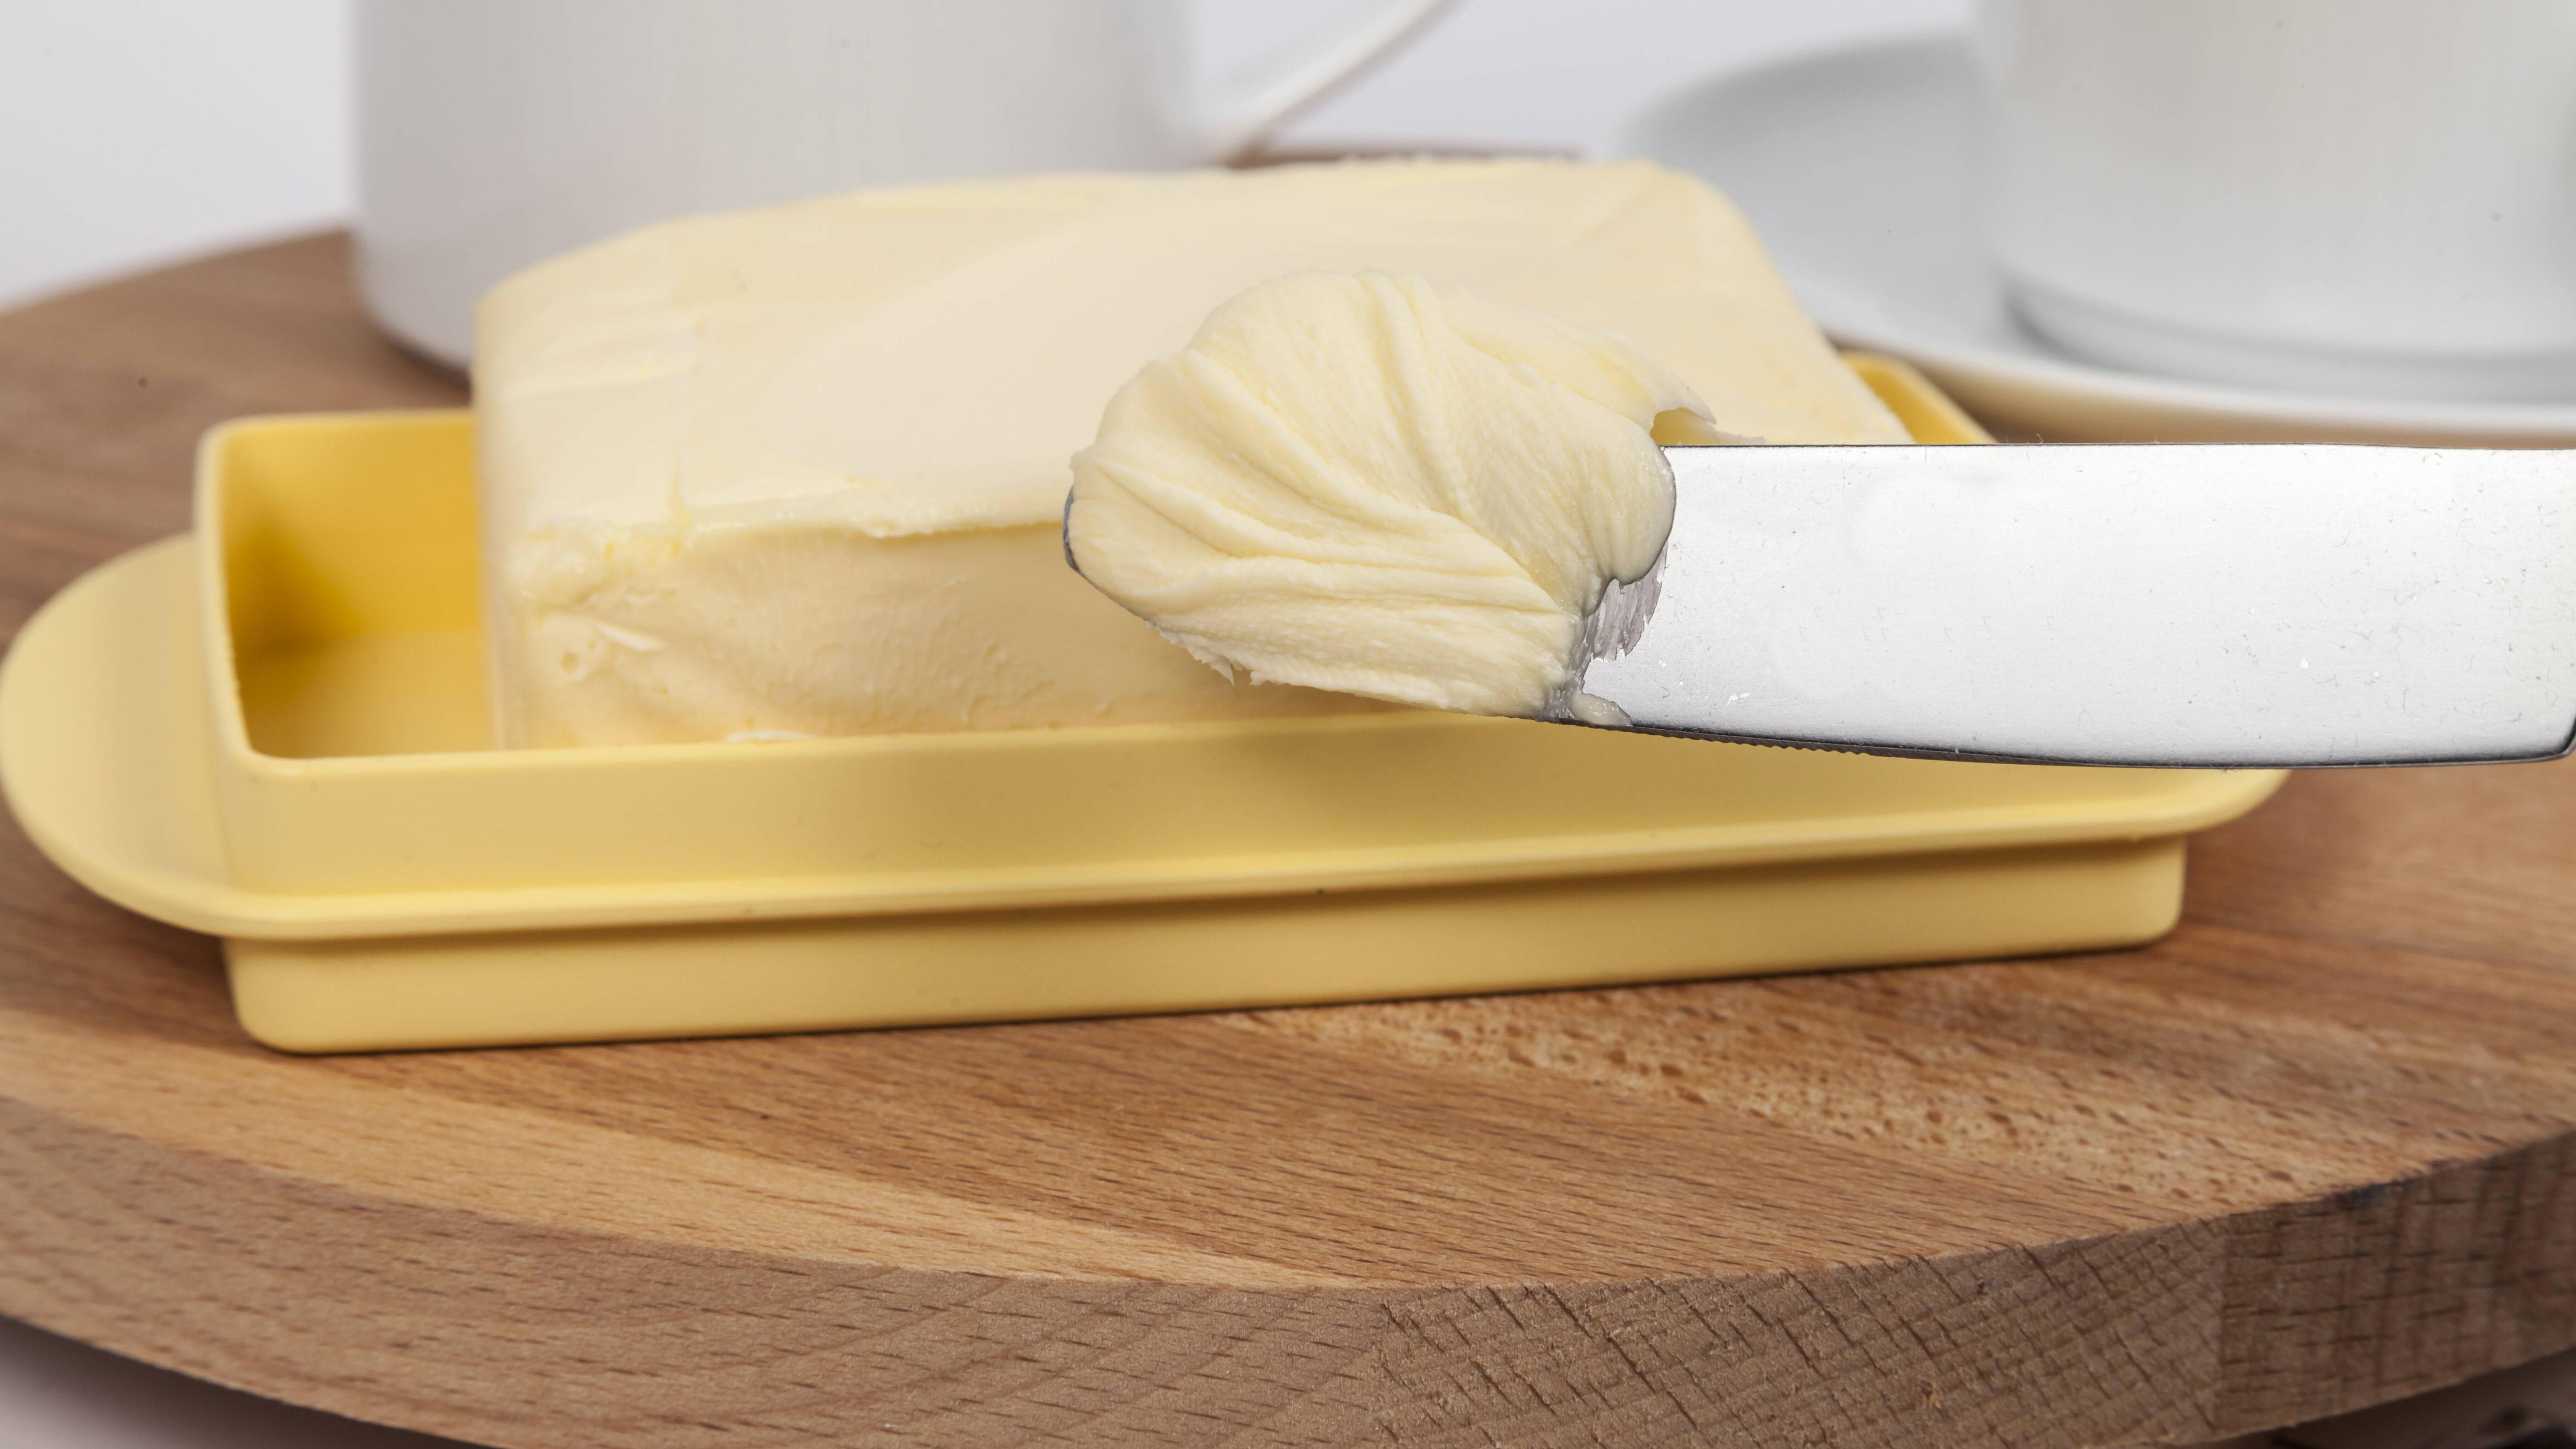 Butter weich machen: Mit diesem Trick geht's ganz schnell